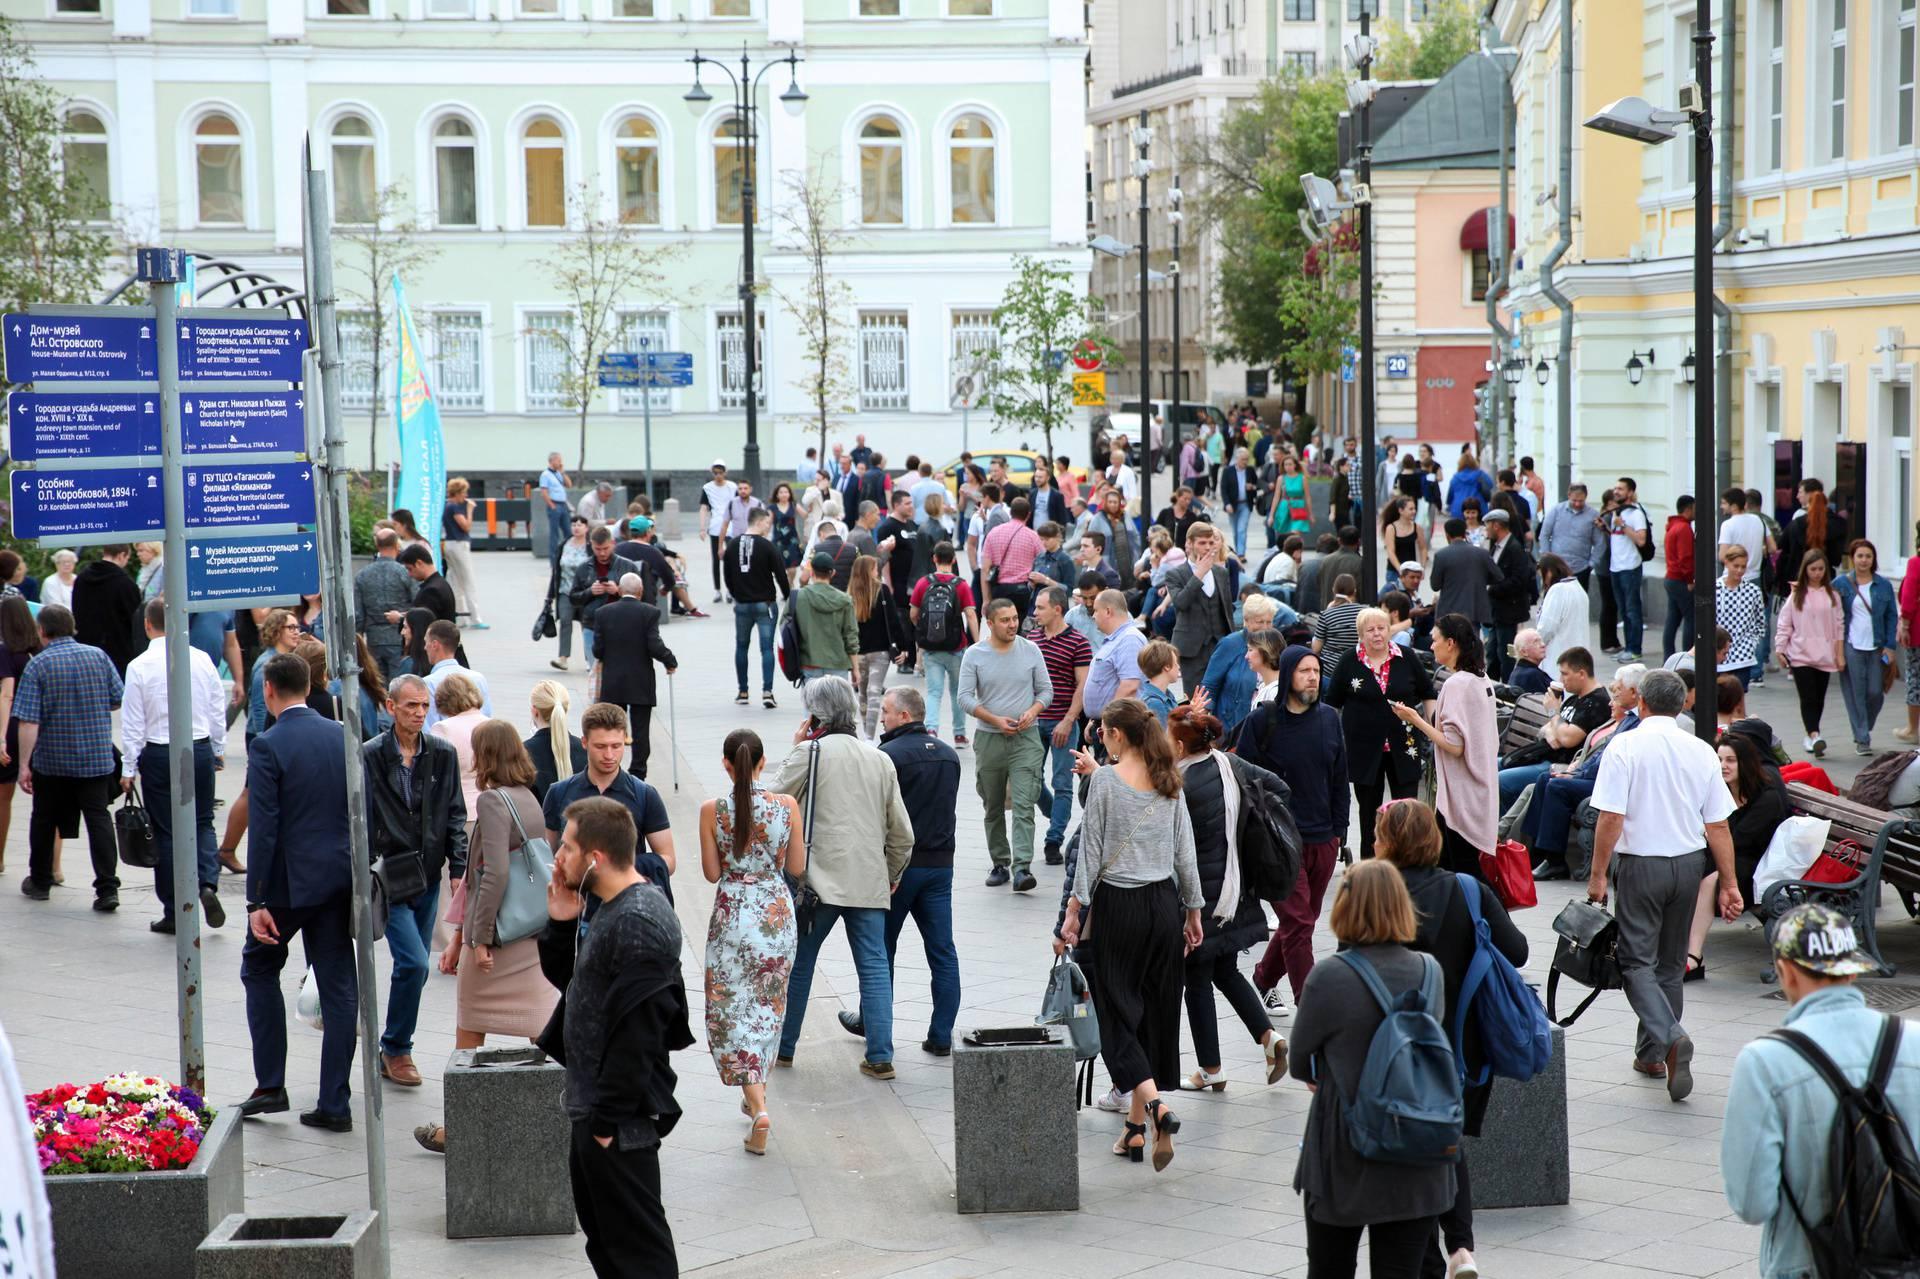 Po prvi put svijet će se suočiti sa smanjenjem broja stanovništva